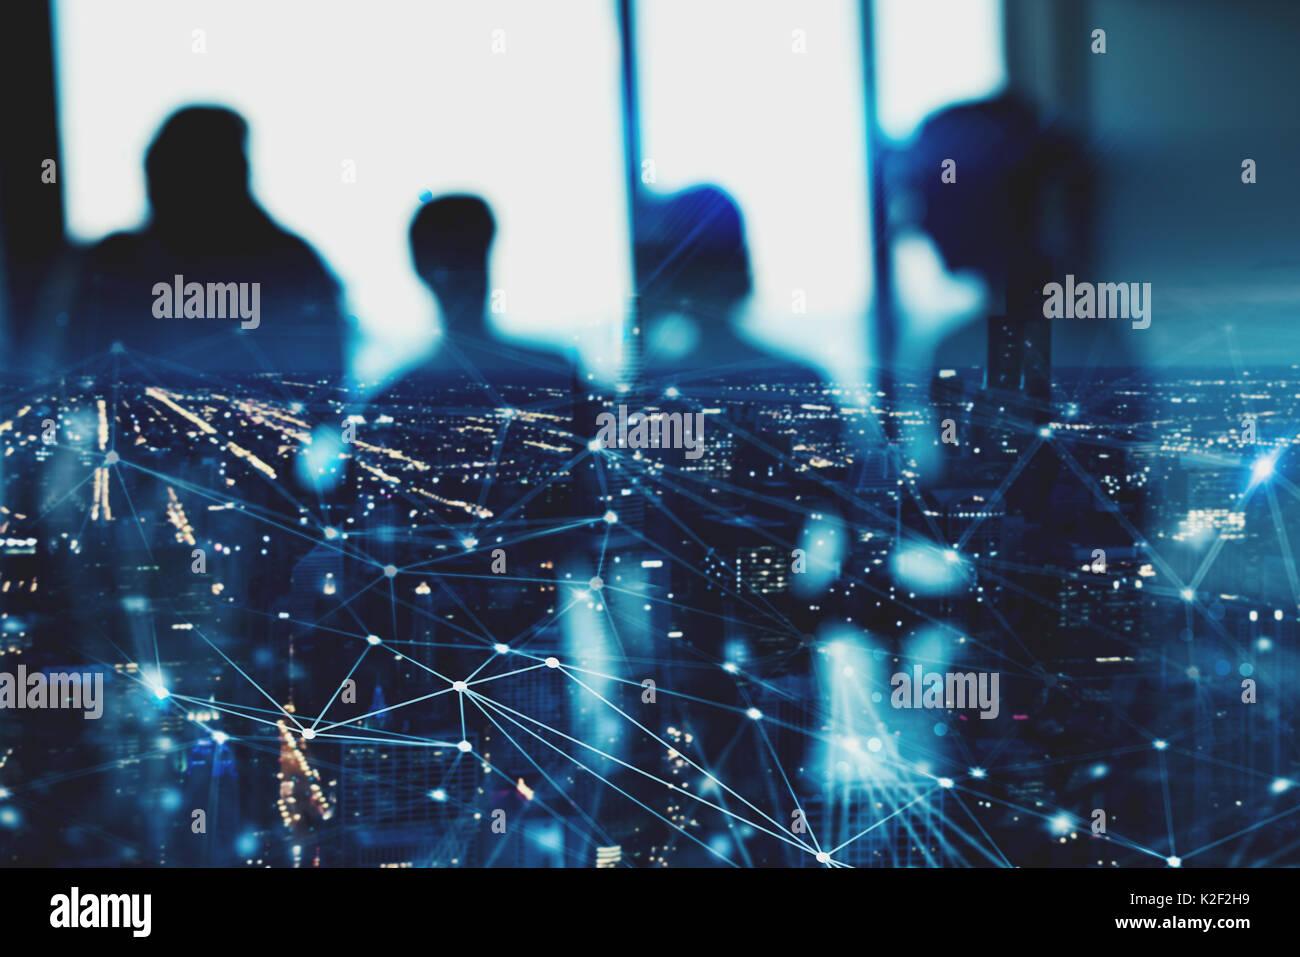 Unscharfe Silhouette der Unternehmer im Büro mit Netzwerk Wirkung. Konzept der Partnerschaft und Zusammenarbeit. Stockbild